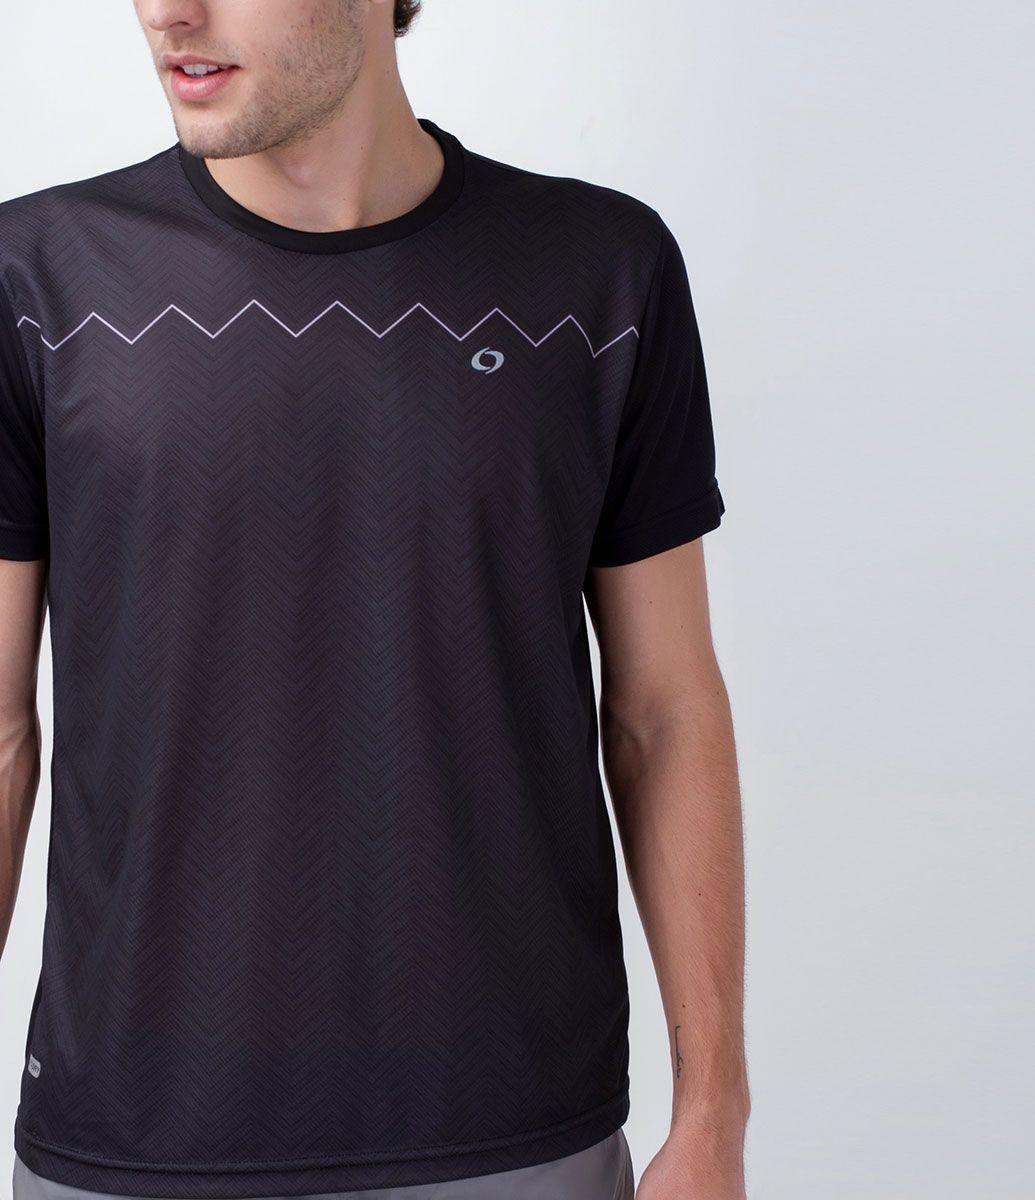 Camiseta masculina Manga curta Gola redonda Com estampa Marca  Get Over  Tecido   poliéster Composição 7bc2d2b5c8d